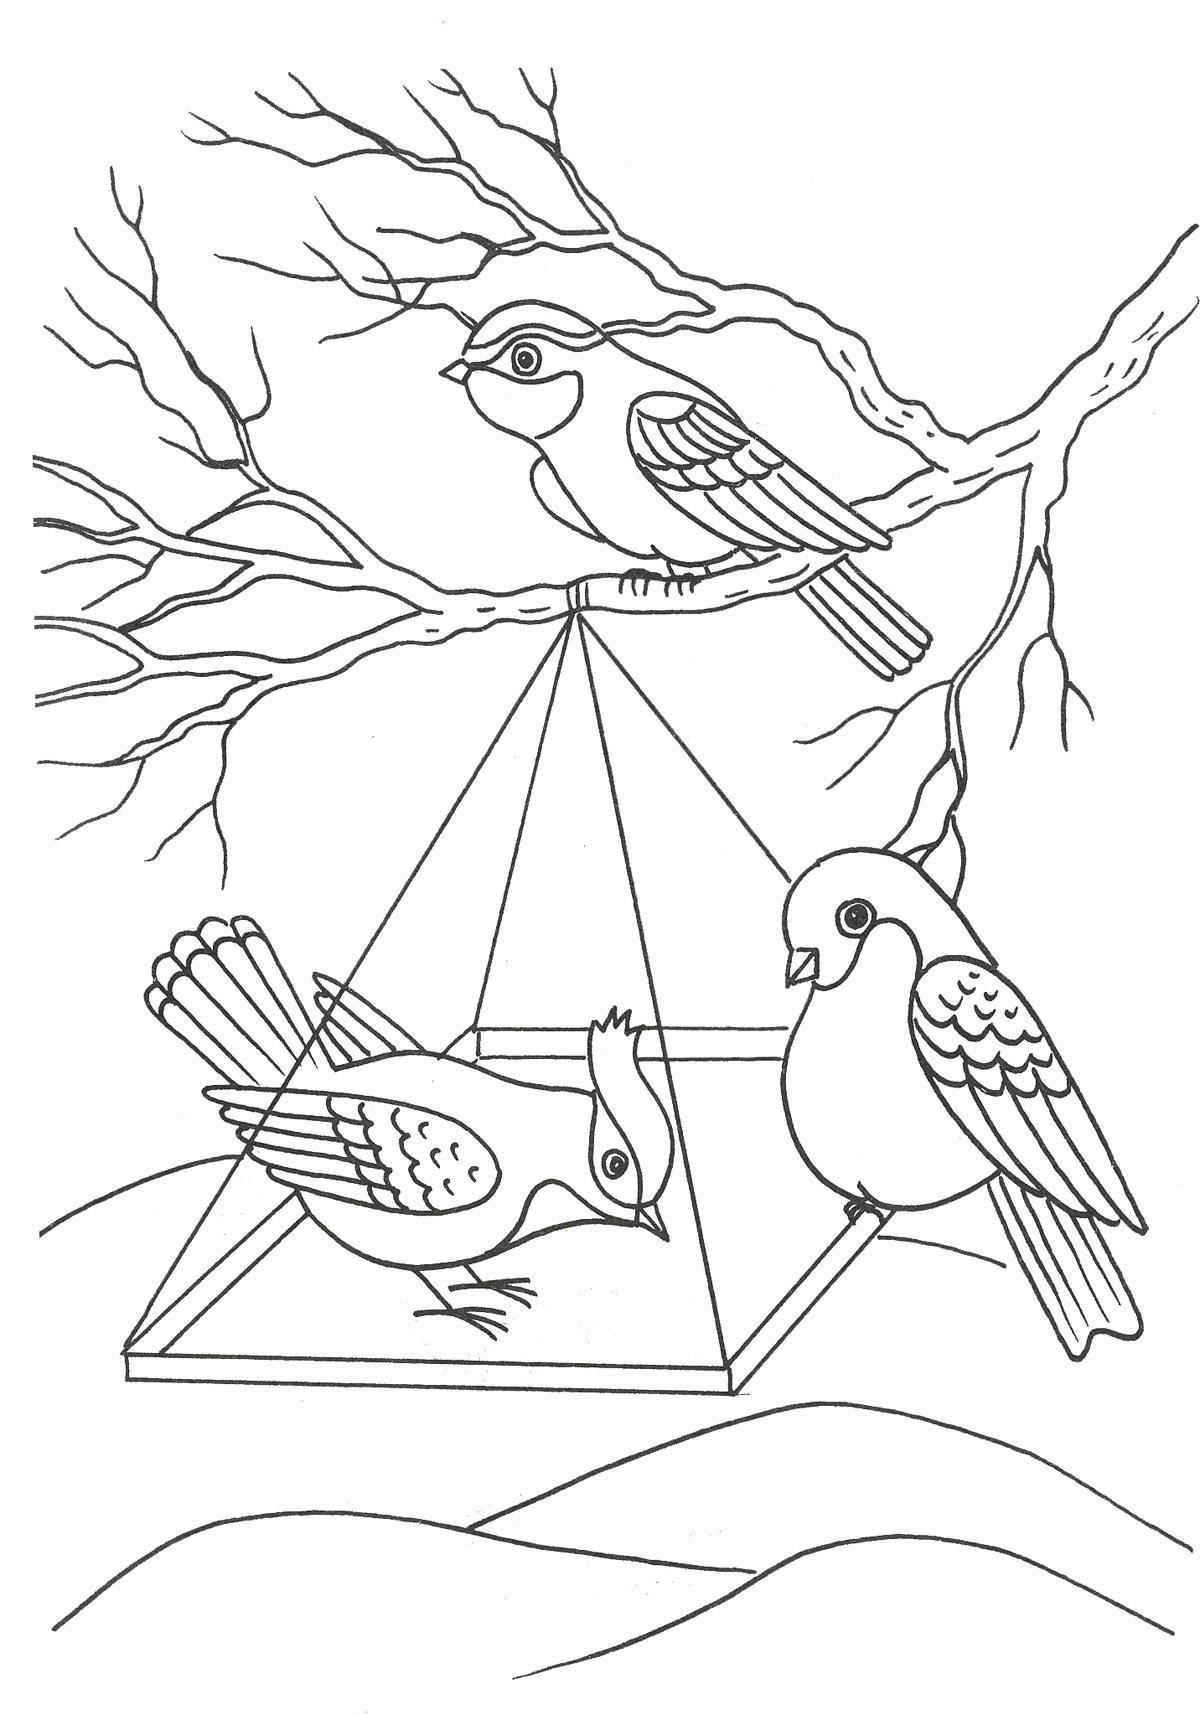 рисунок птицы на кормушке зимой карандашом возможна, как элемент